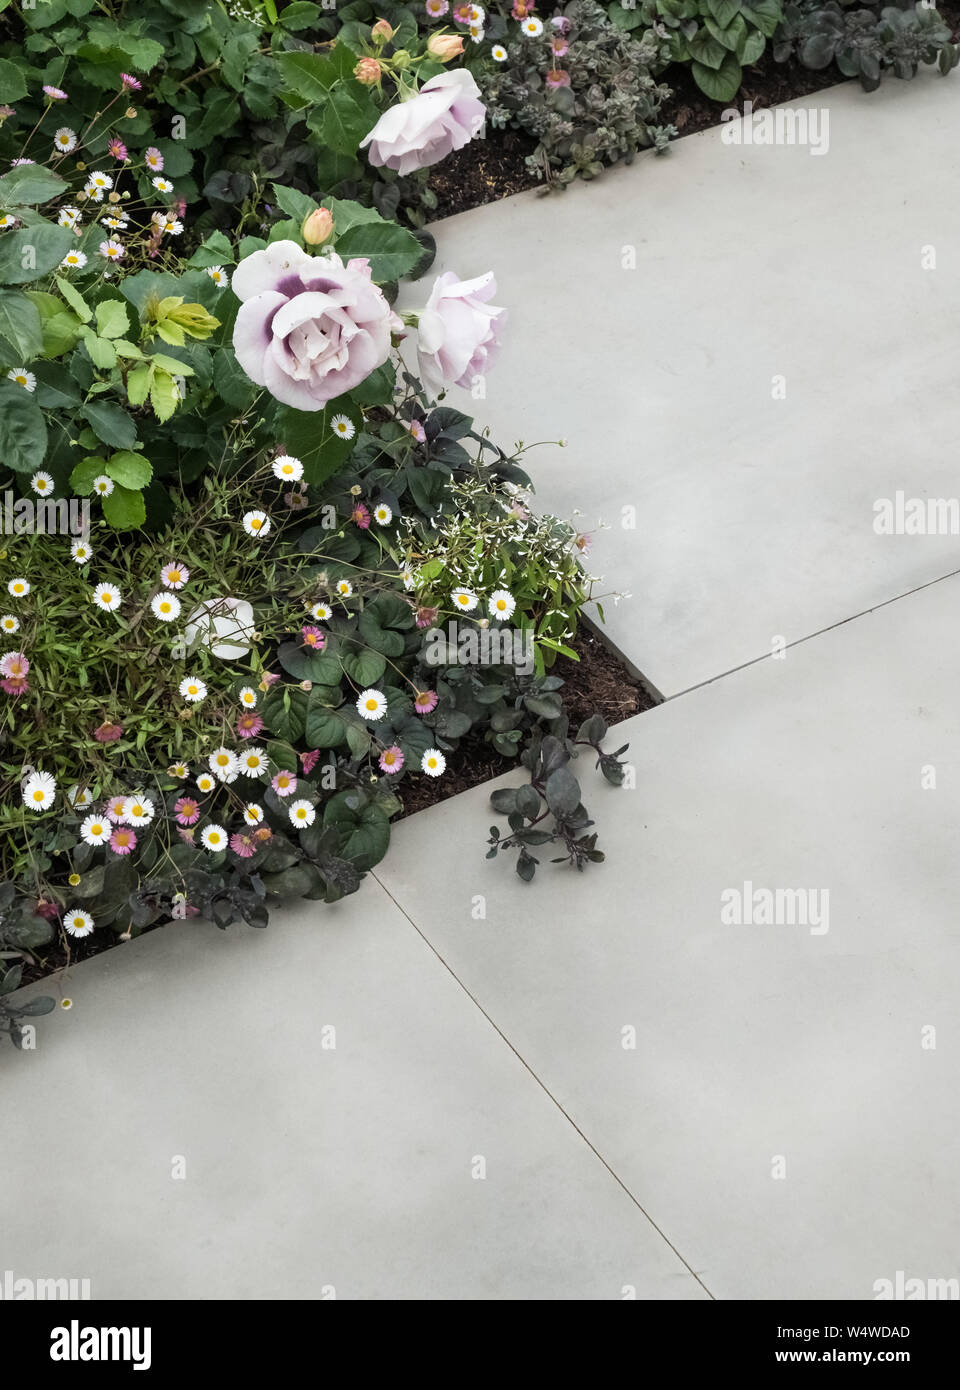 Mix of summer plants growing alongside edges of paving stone slabs, July, England, UK Stock Photo